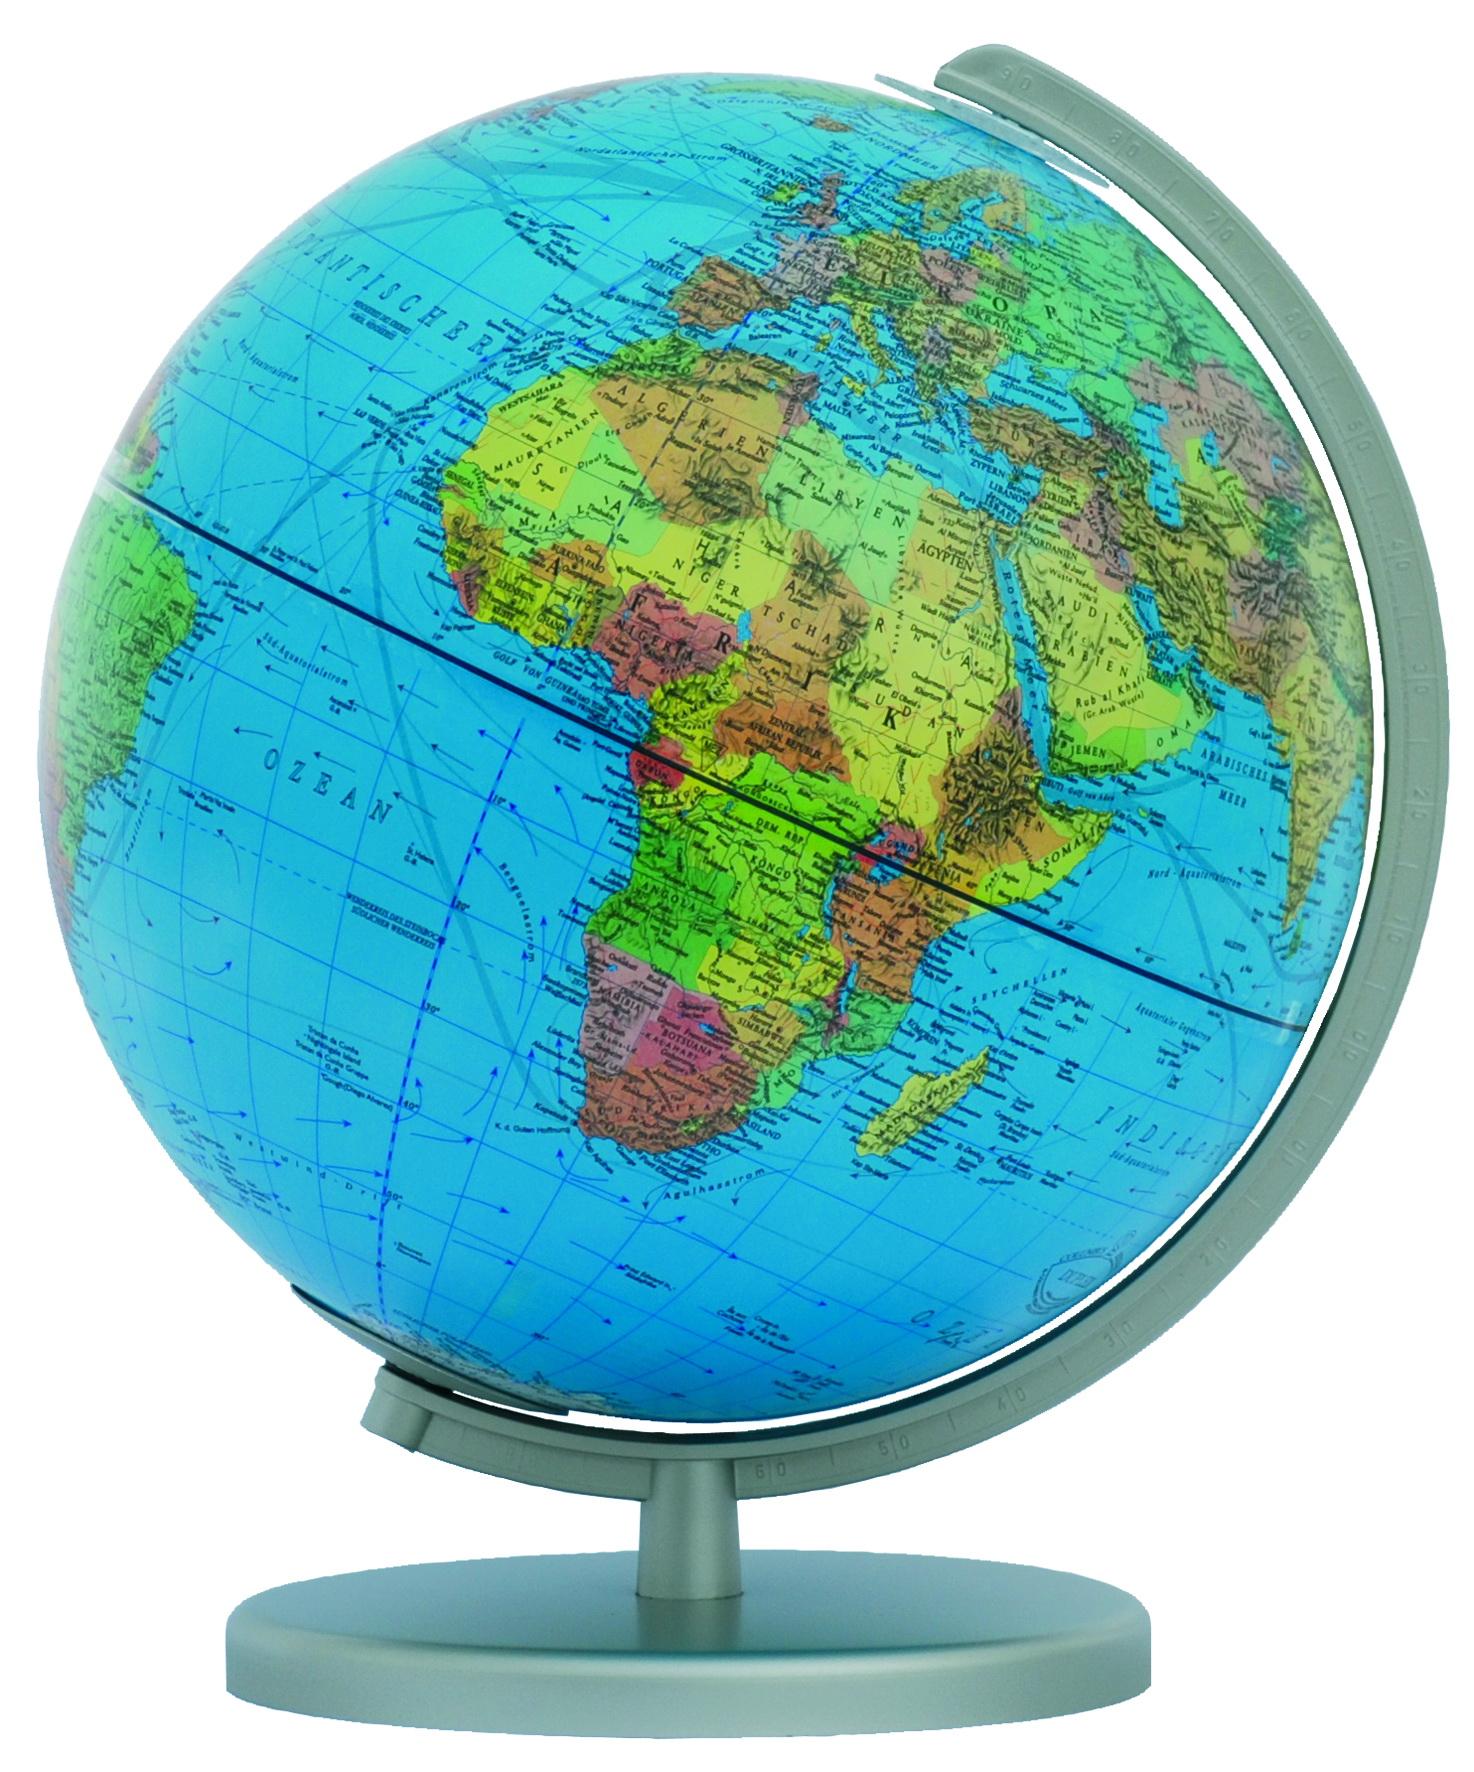 globus og kart Columbus globus   Imperial Illuminated Globe 26 cm   Nautisk Fritid globus og kart